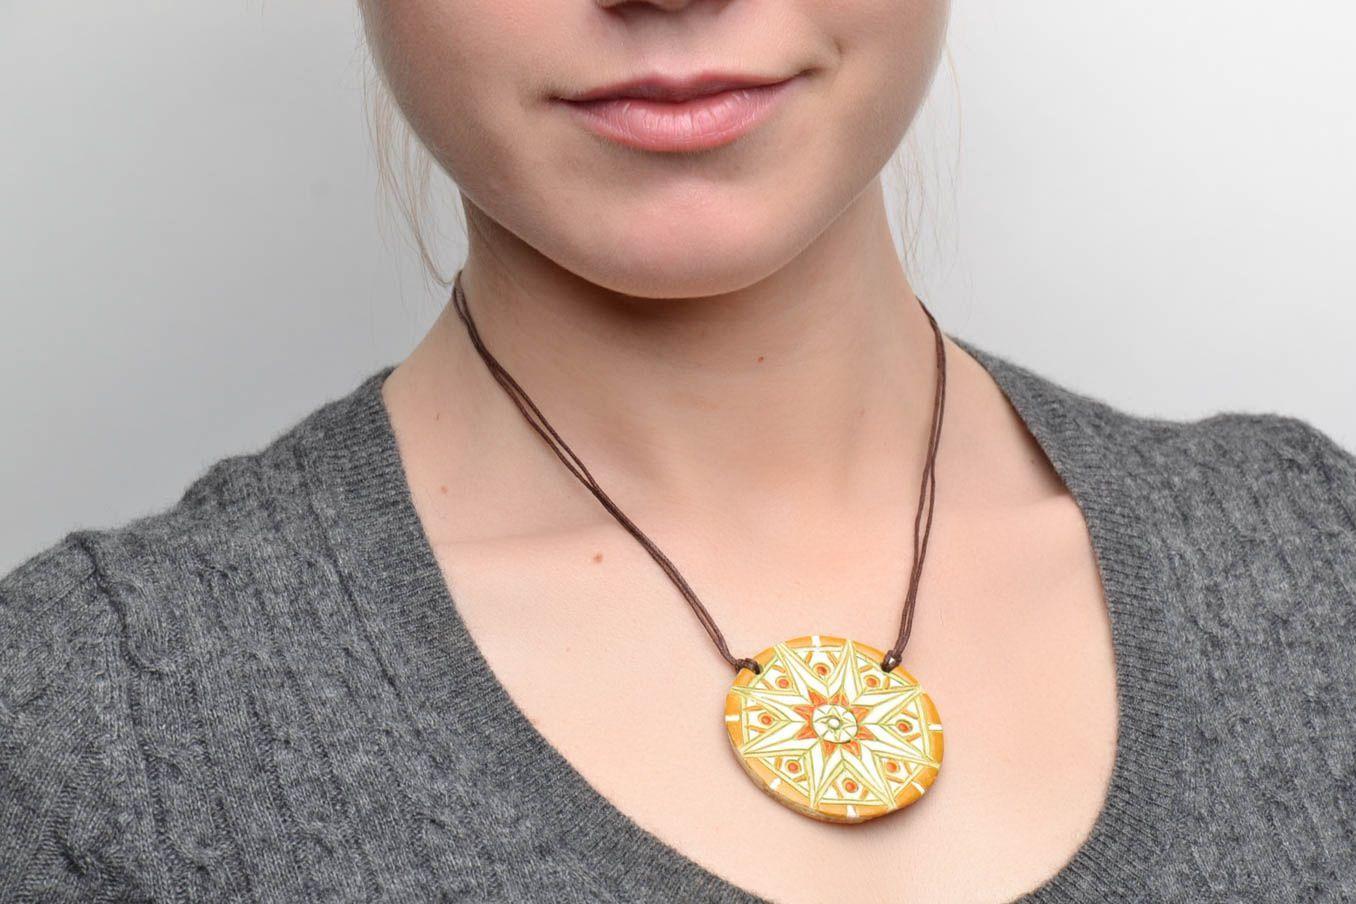 Clay neck pendant photo 2